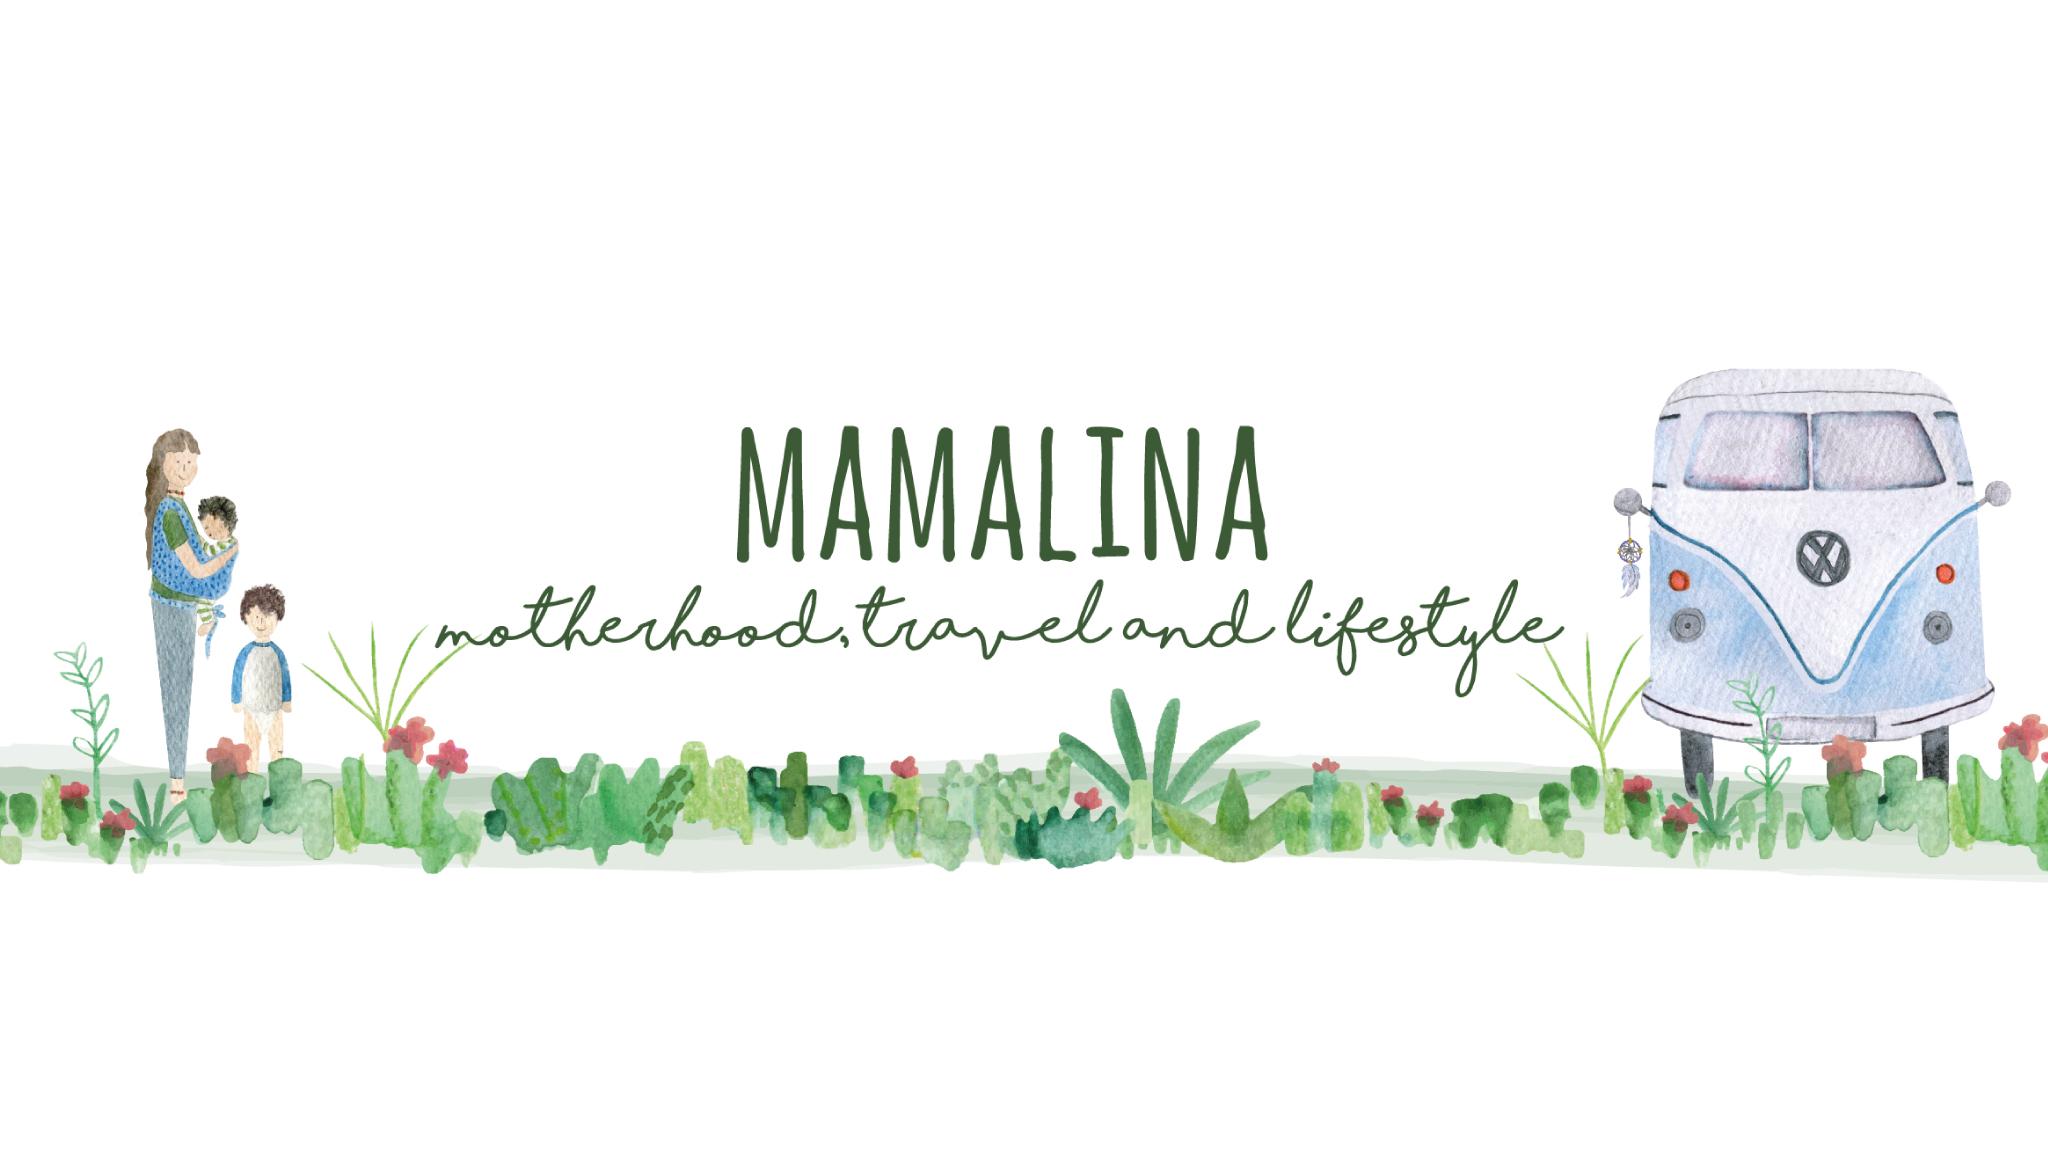 Mamalina